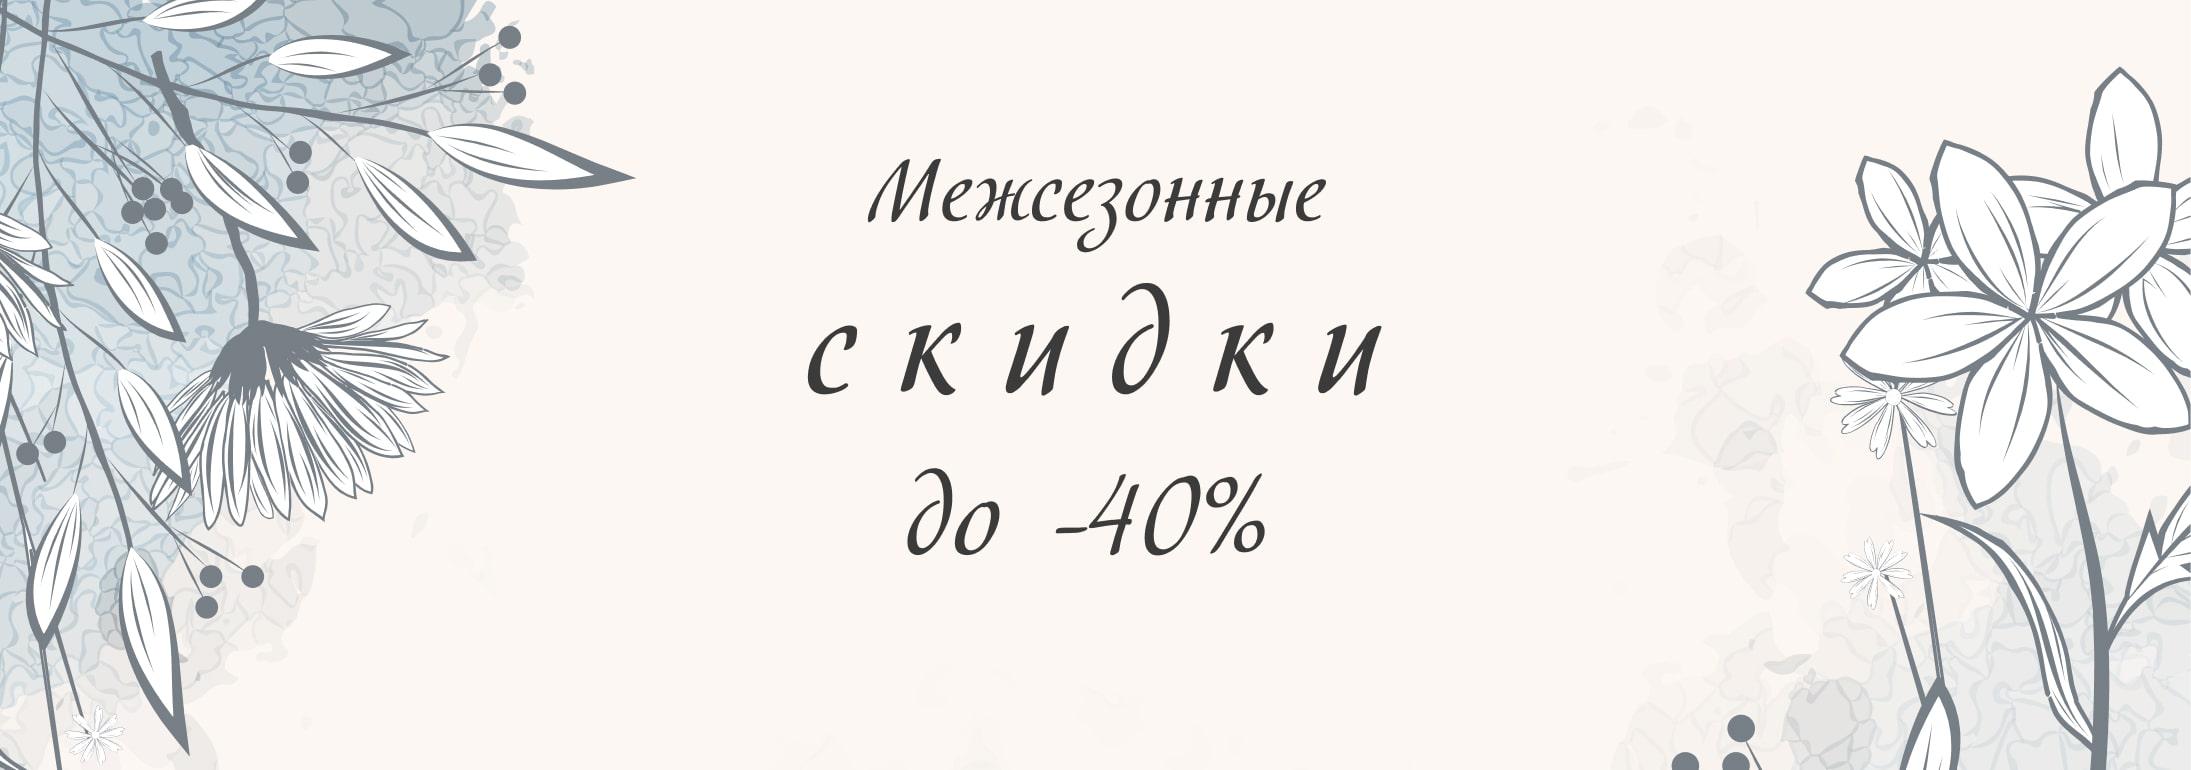 Межсезонные скидки -40%